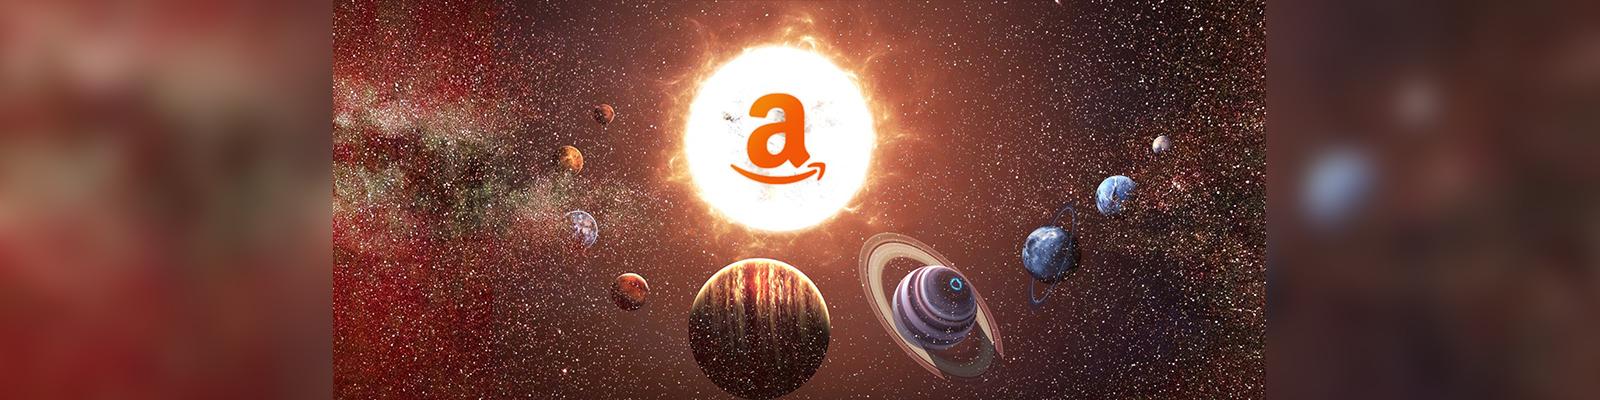 amazon_sun3-eye